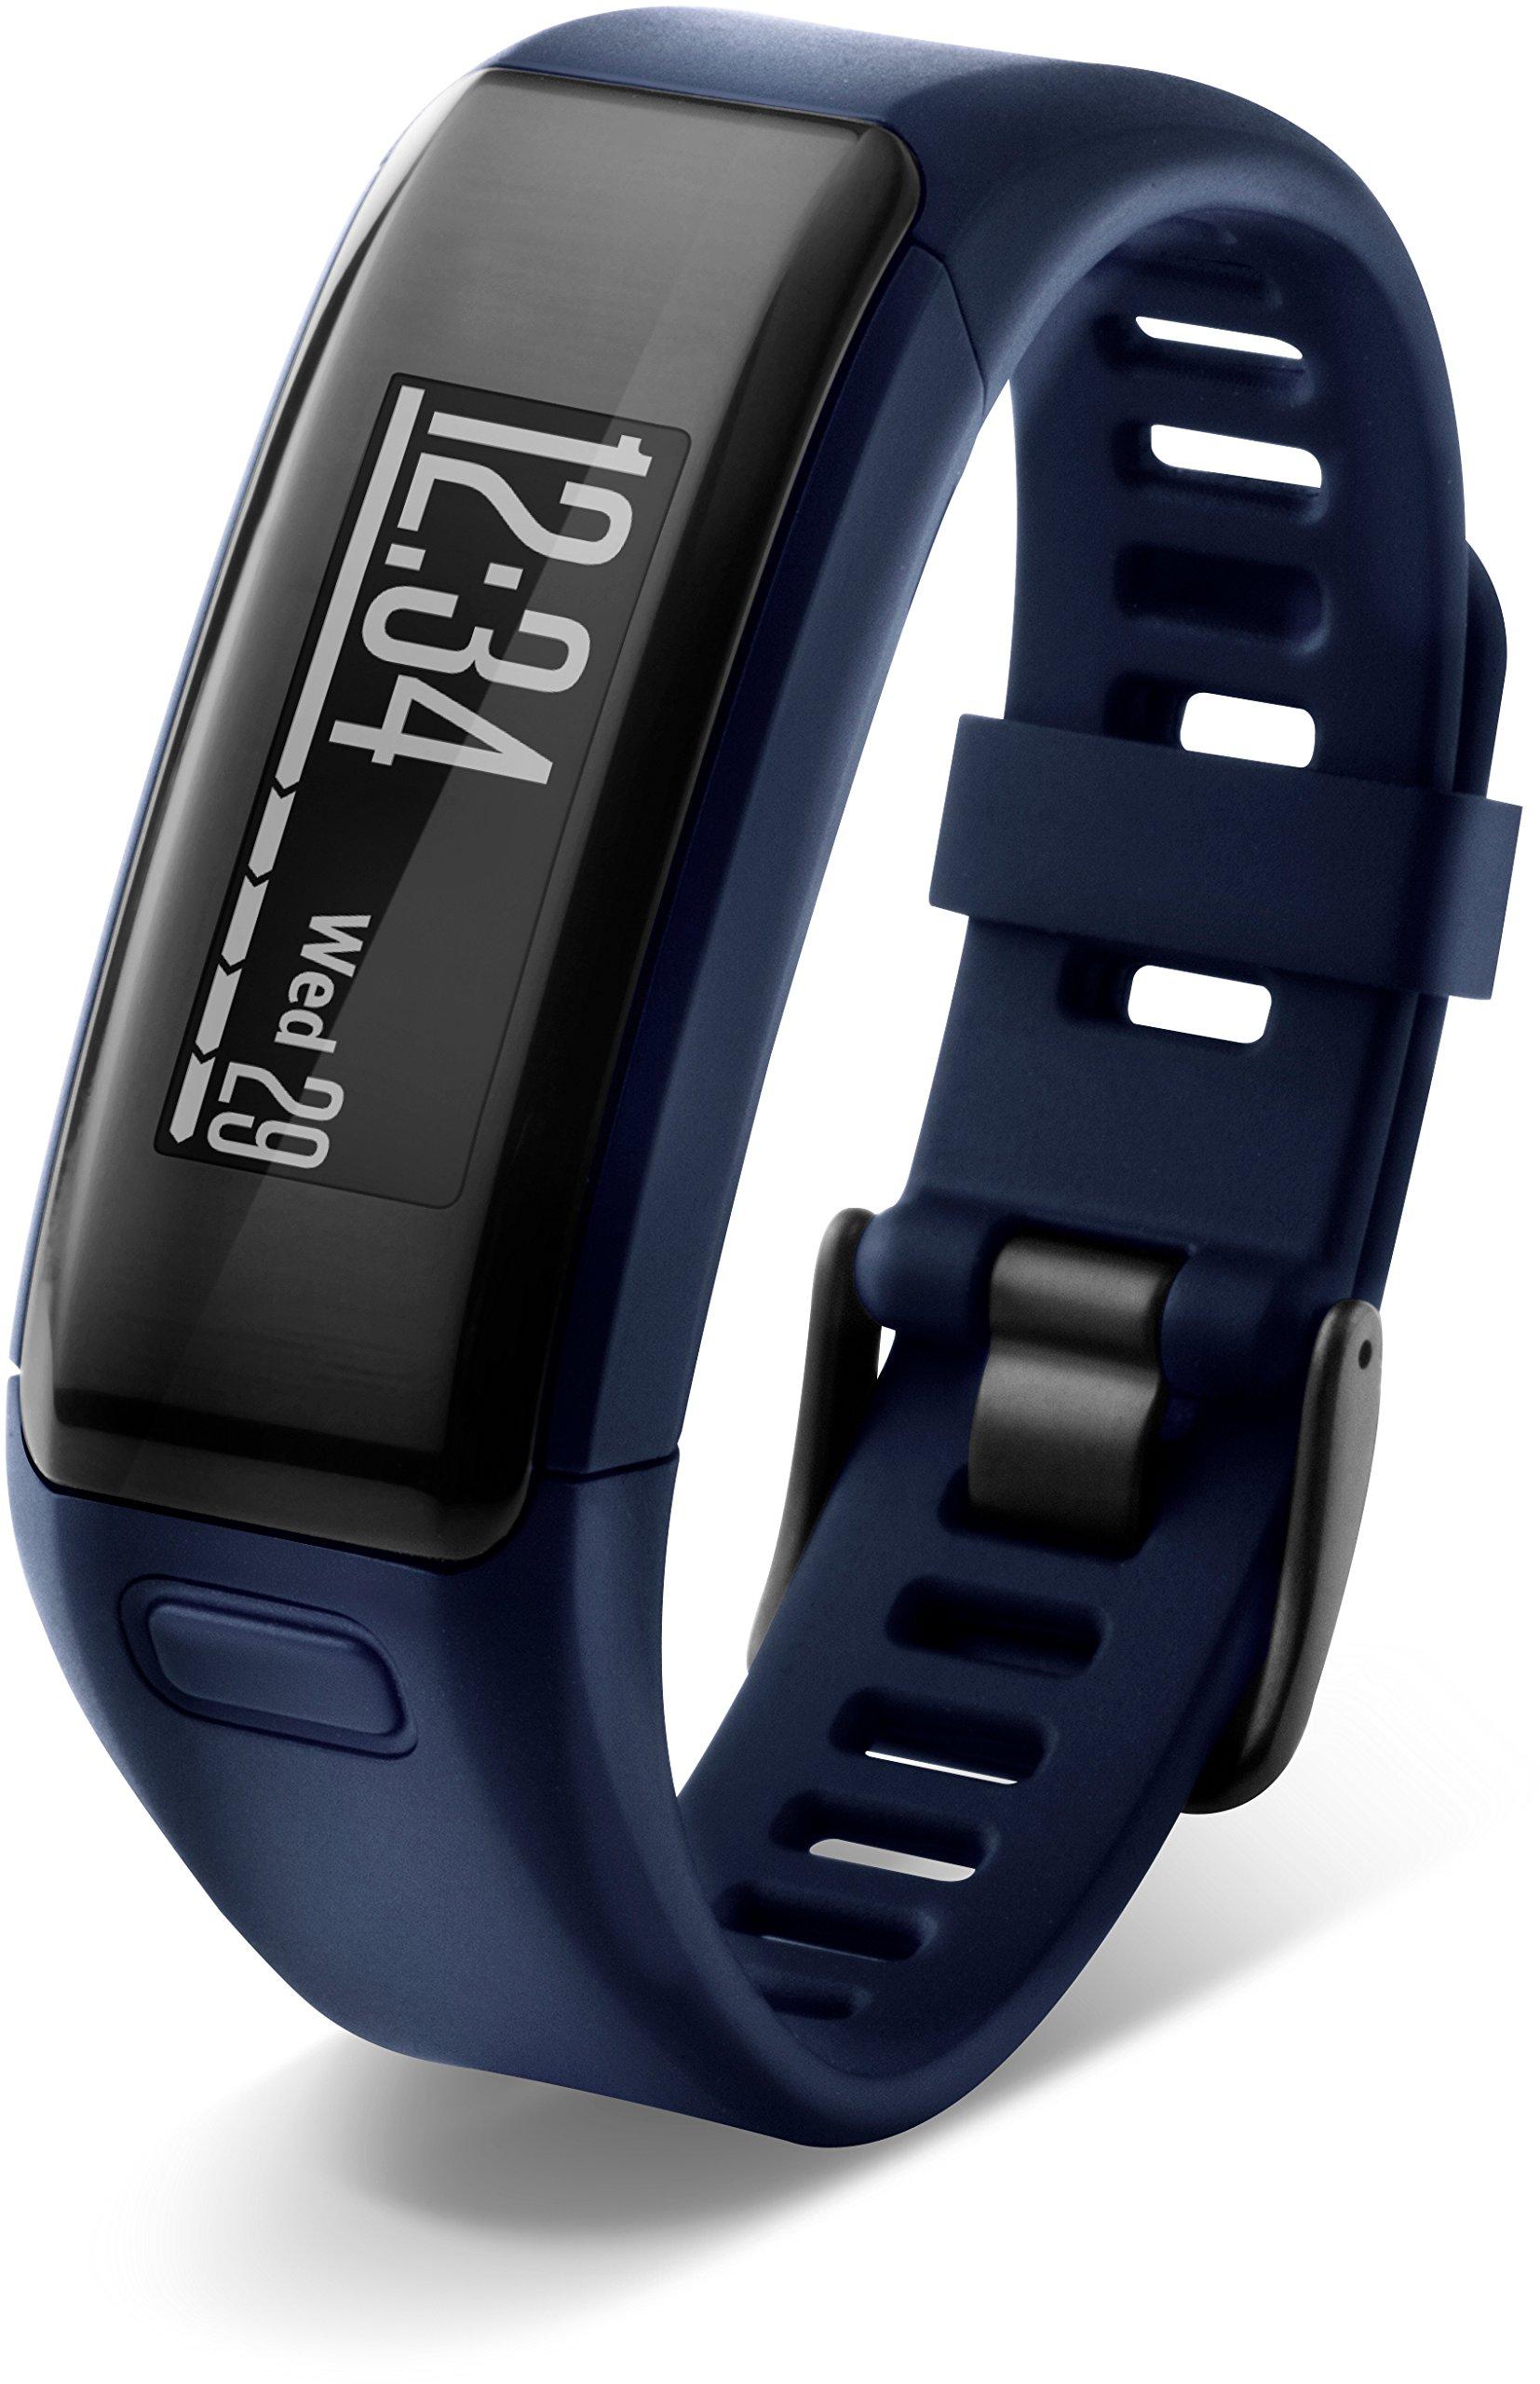 Garmin vívosmart HR Activity Tracker Regular Fit - Midnight Blue (Deep Blue) by Garmin (Image #12)